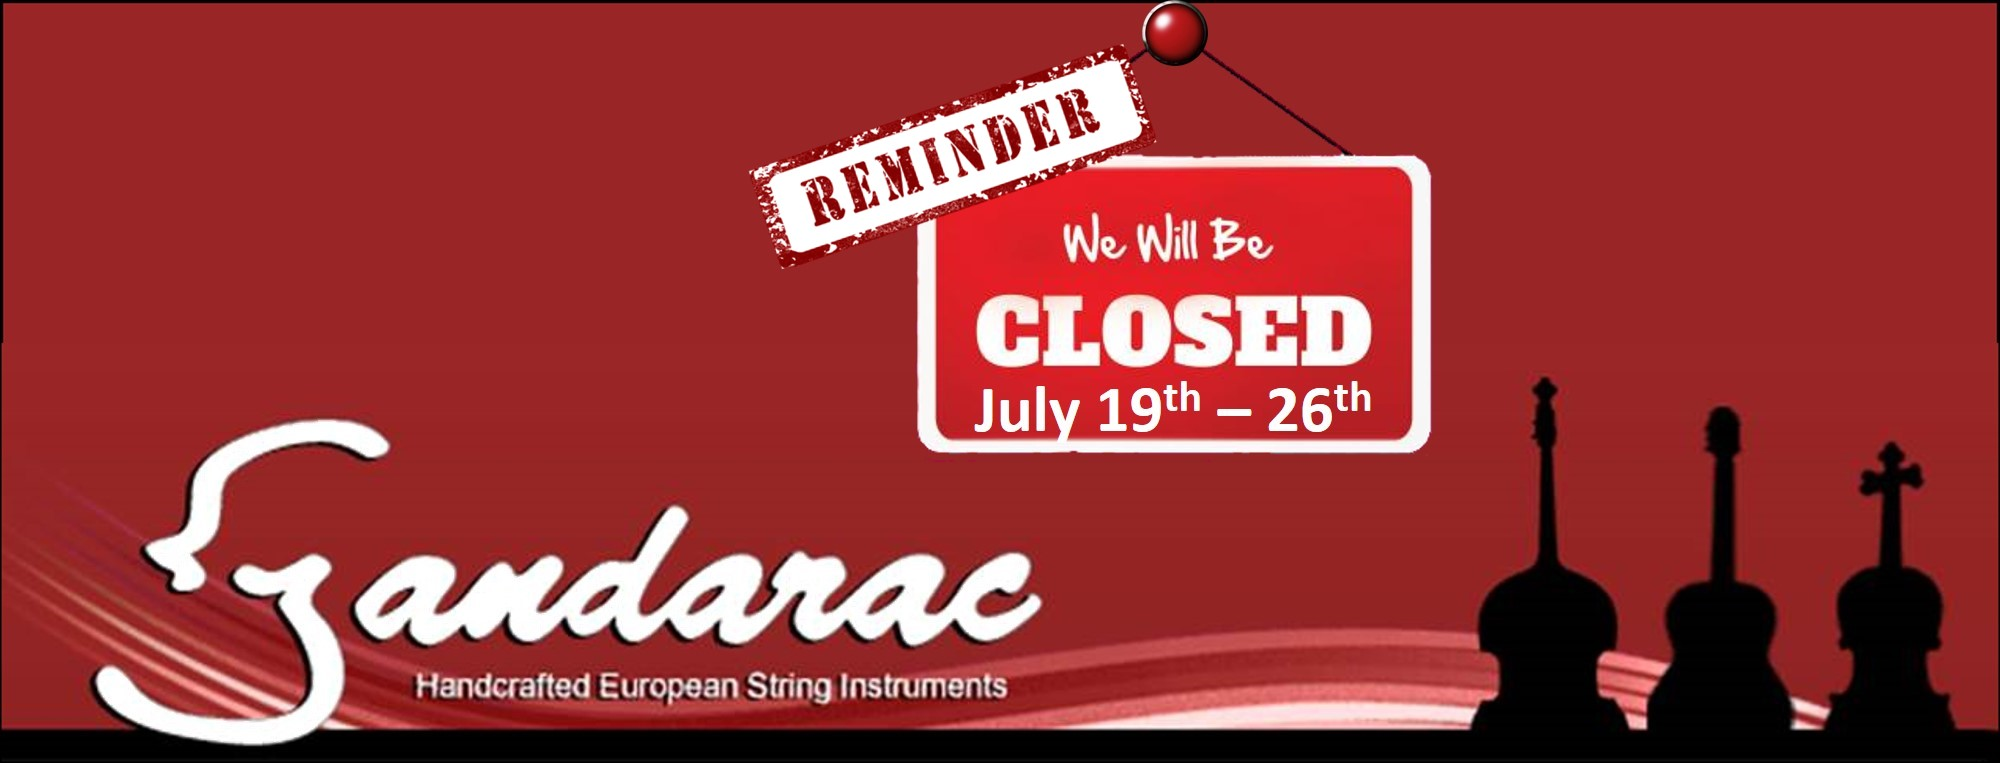 24 - reminder - closed